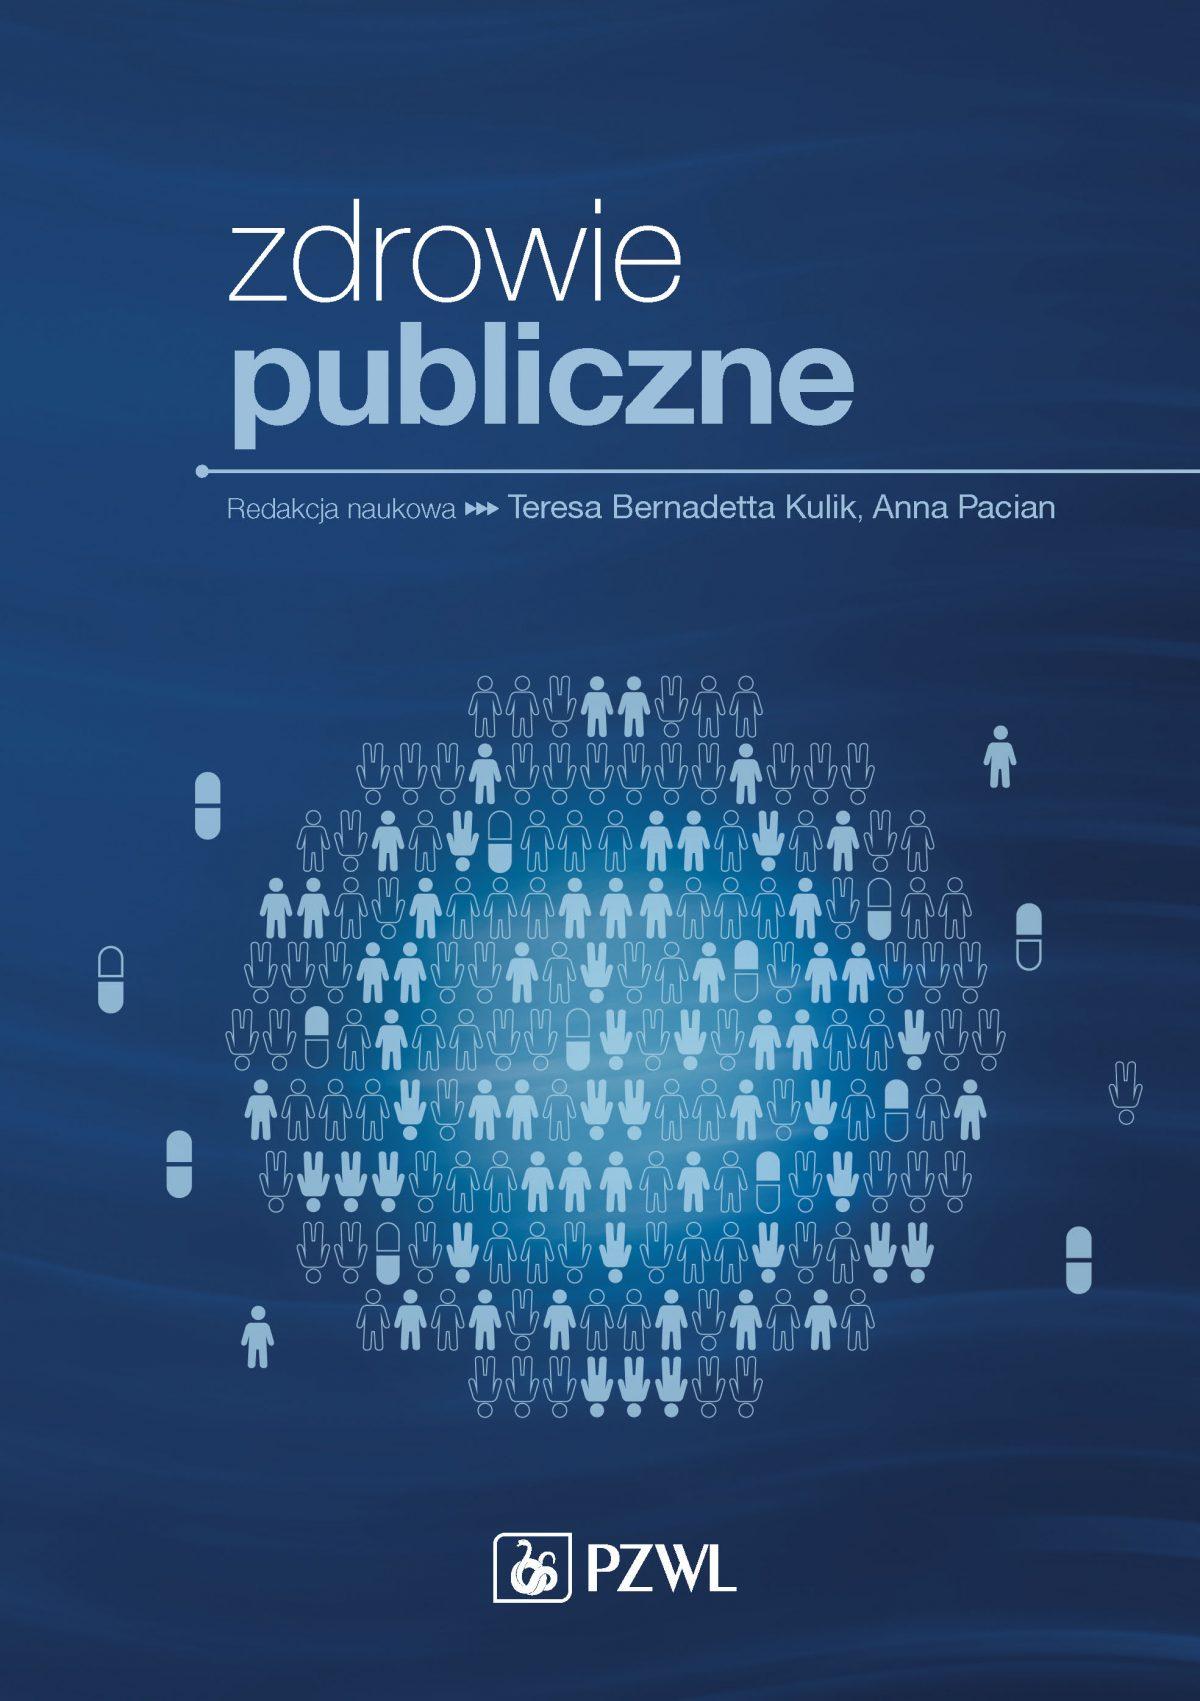 Zdrowie publiczne - Ebook (Książka na Kindle) do pobrania w formacie MOBI